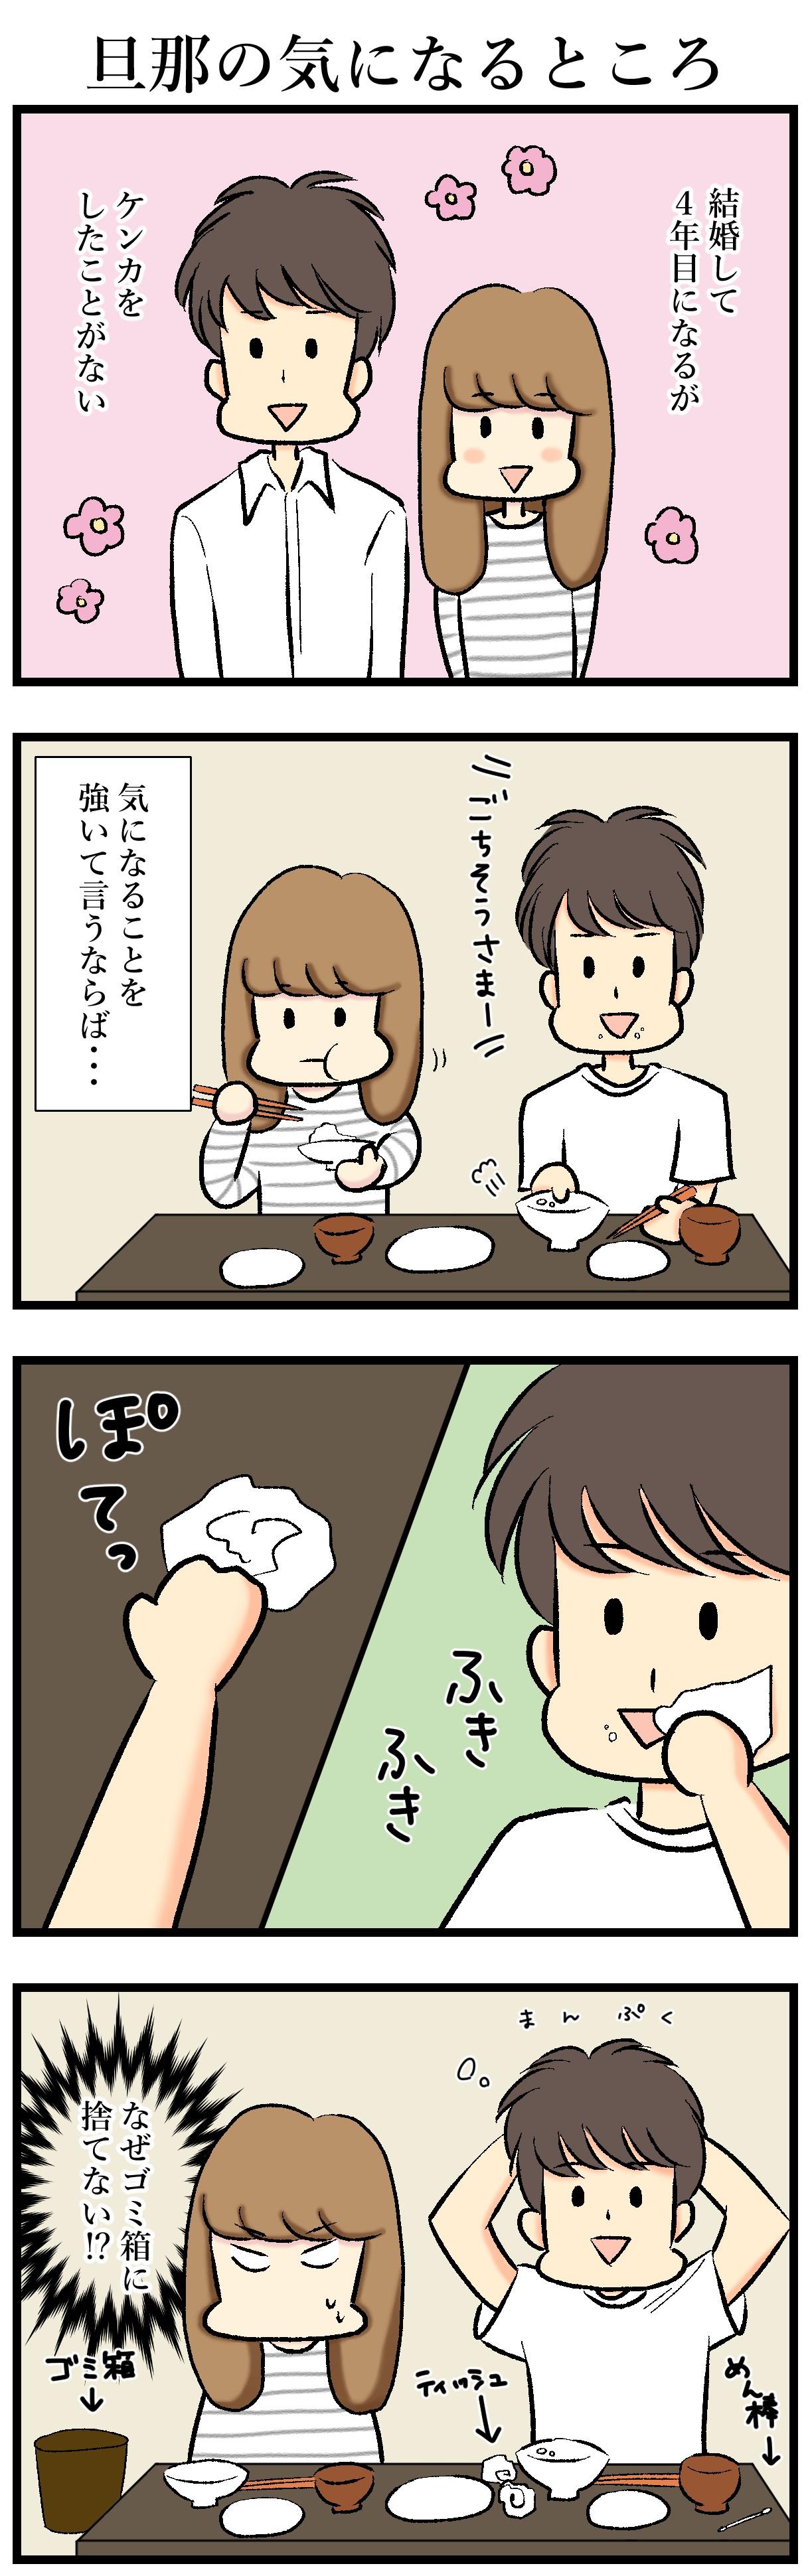 【エッセイ漫画】アラサー主婦くま子のふがいない日常(18)